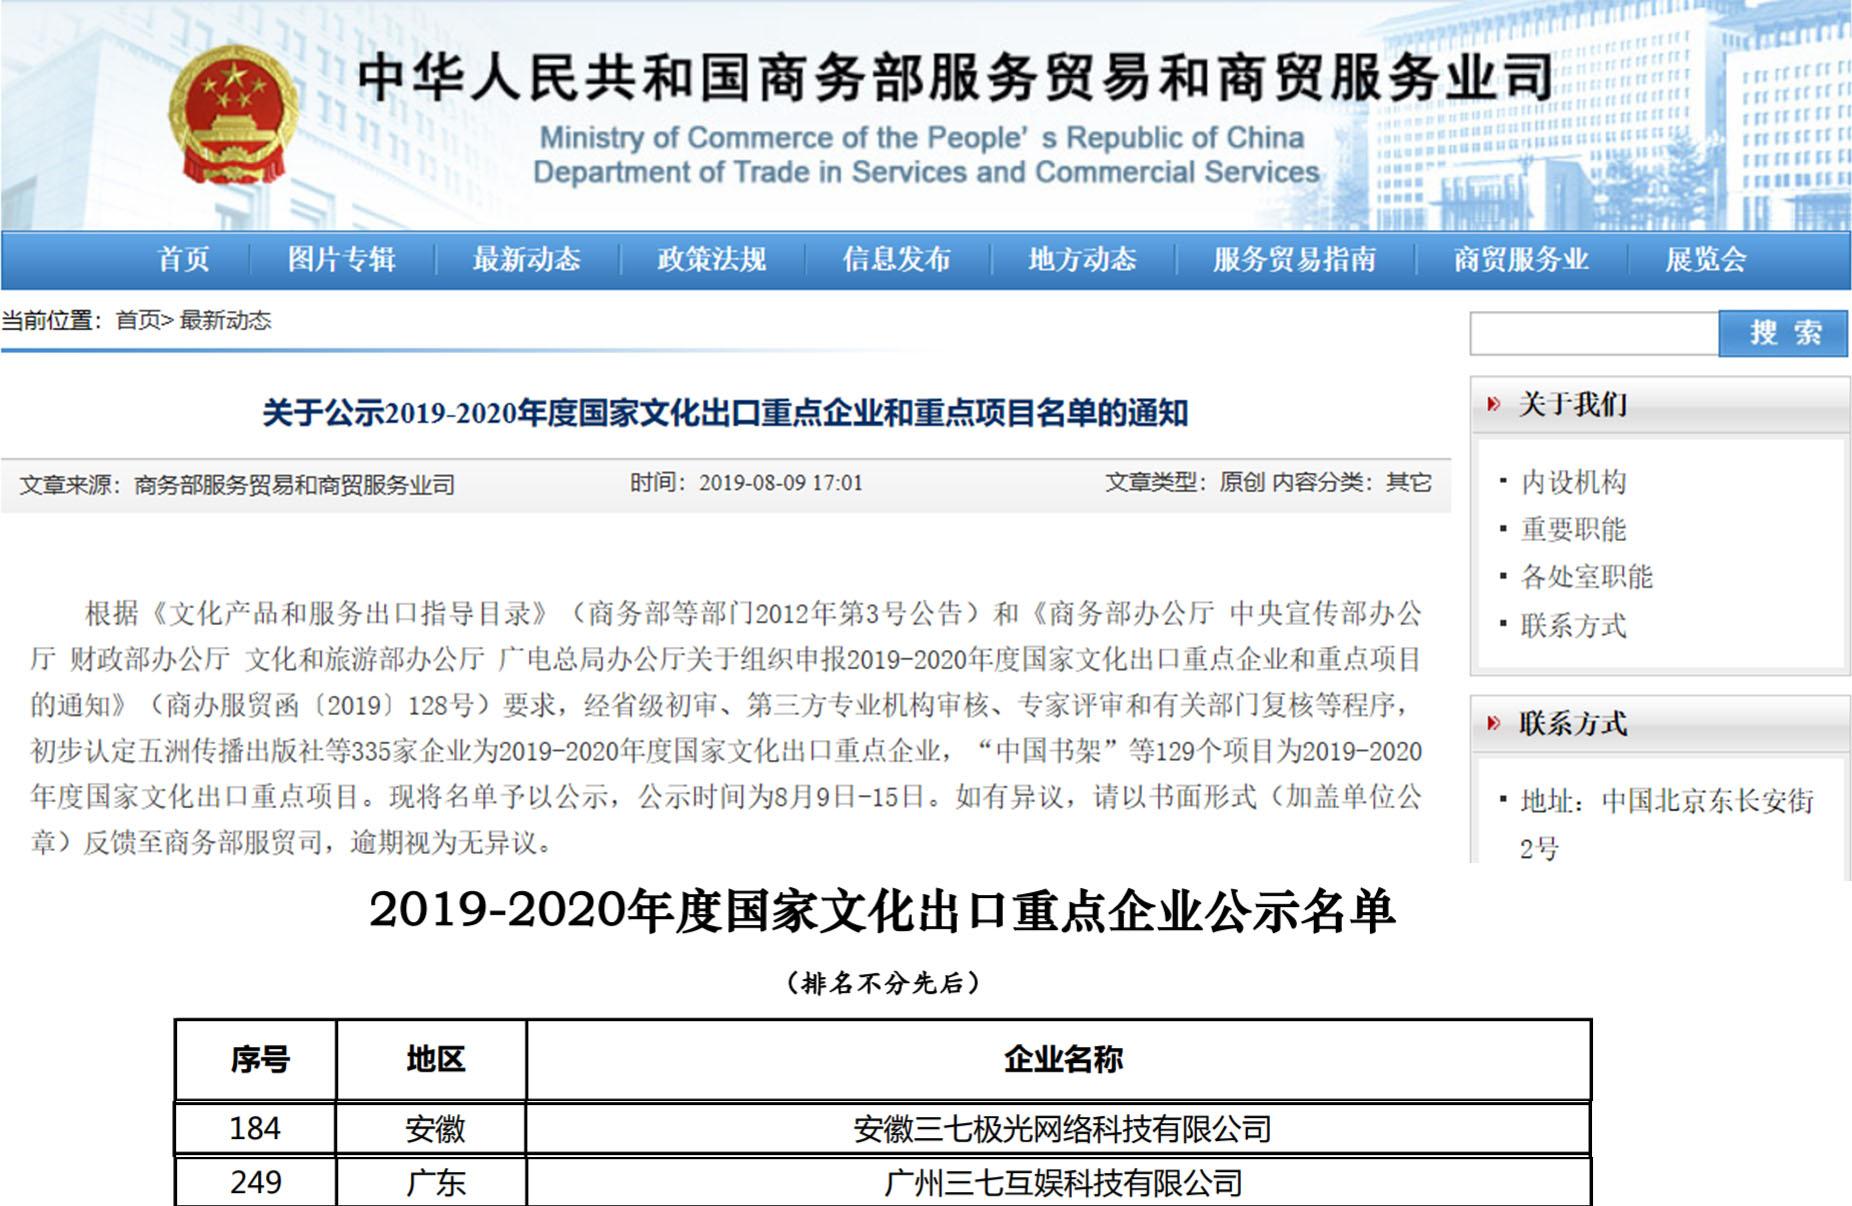 三七互娱极光网络入选2019-2020年度国家文化出口重点企业公示名单